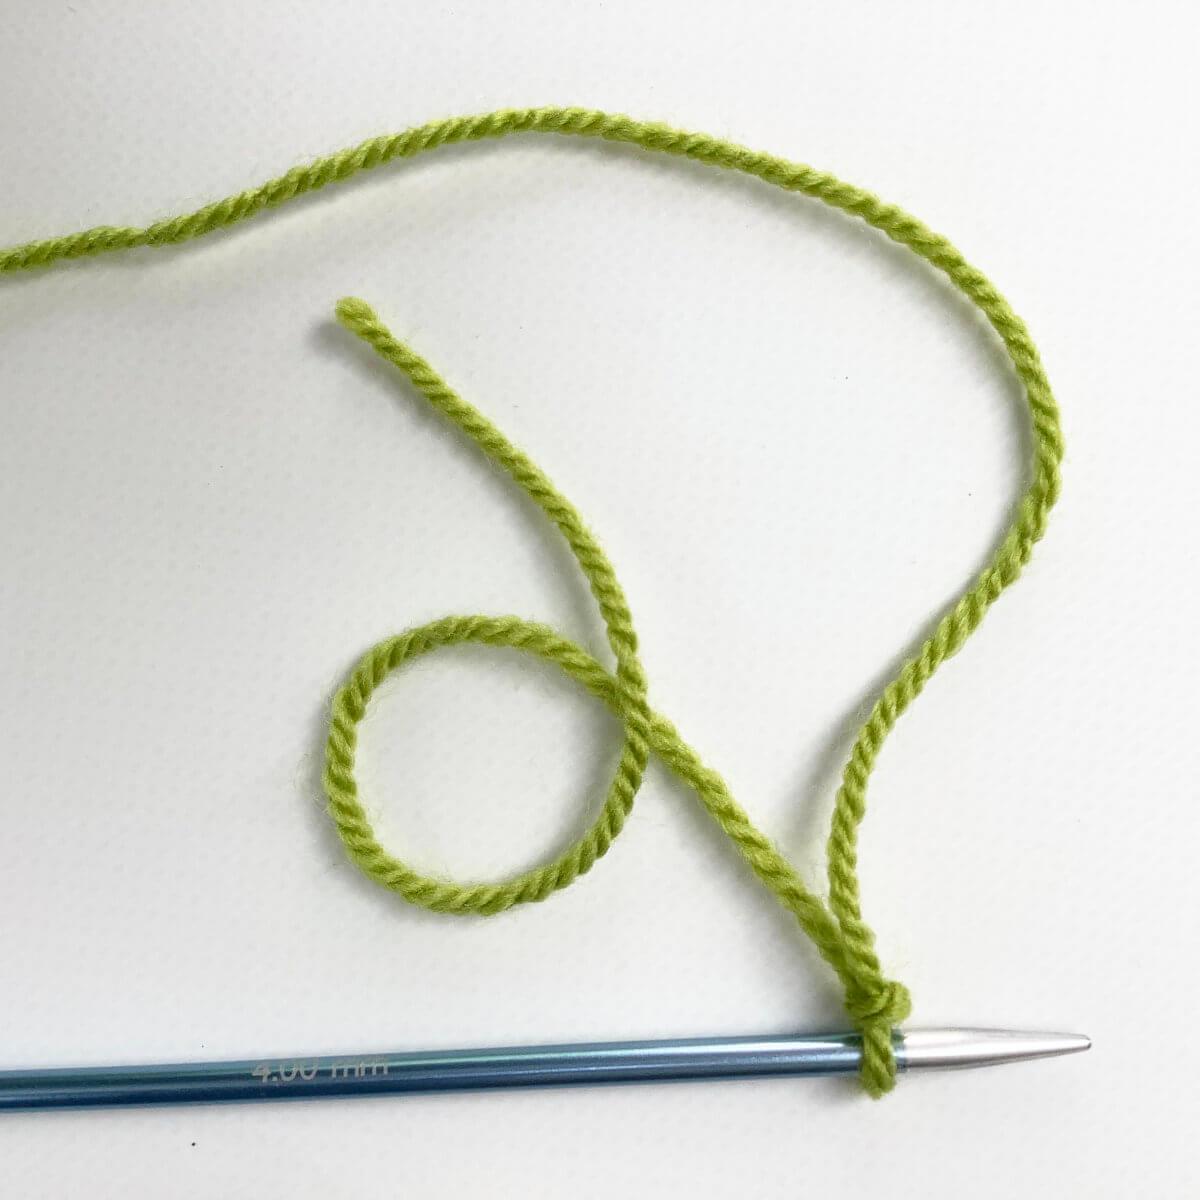 making a slipknot